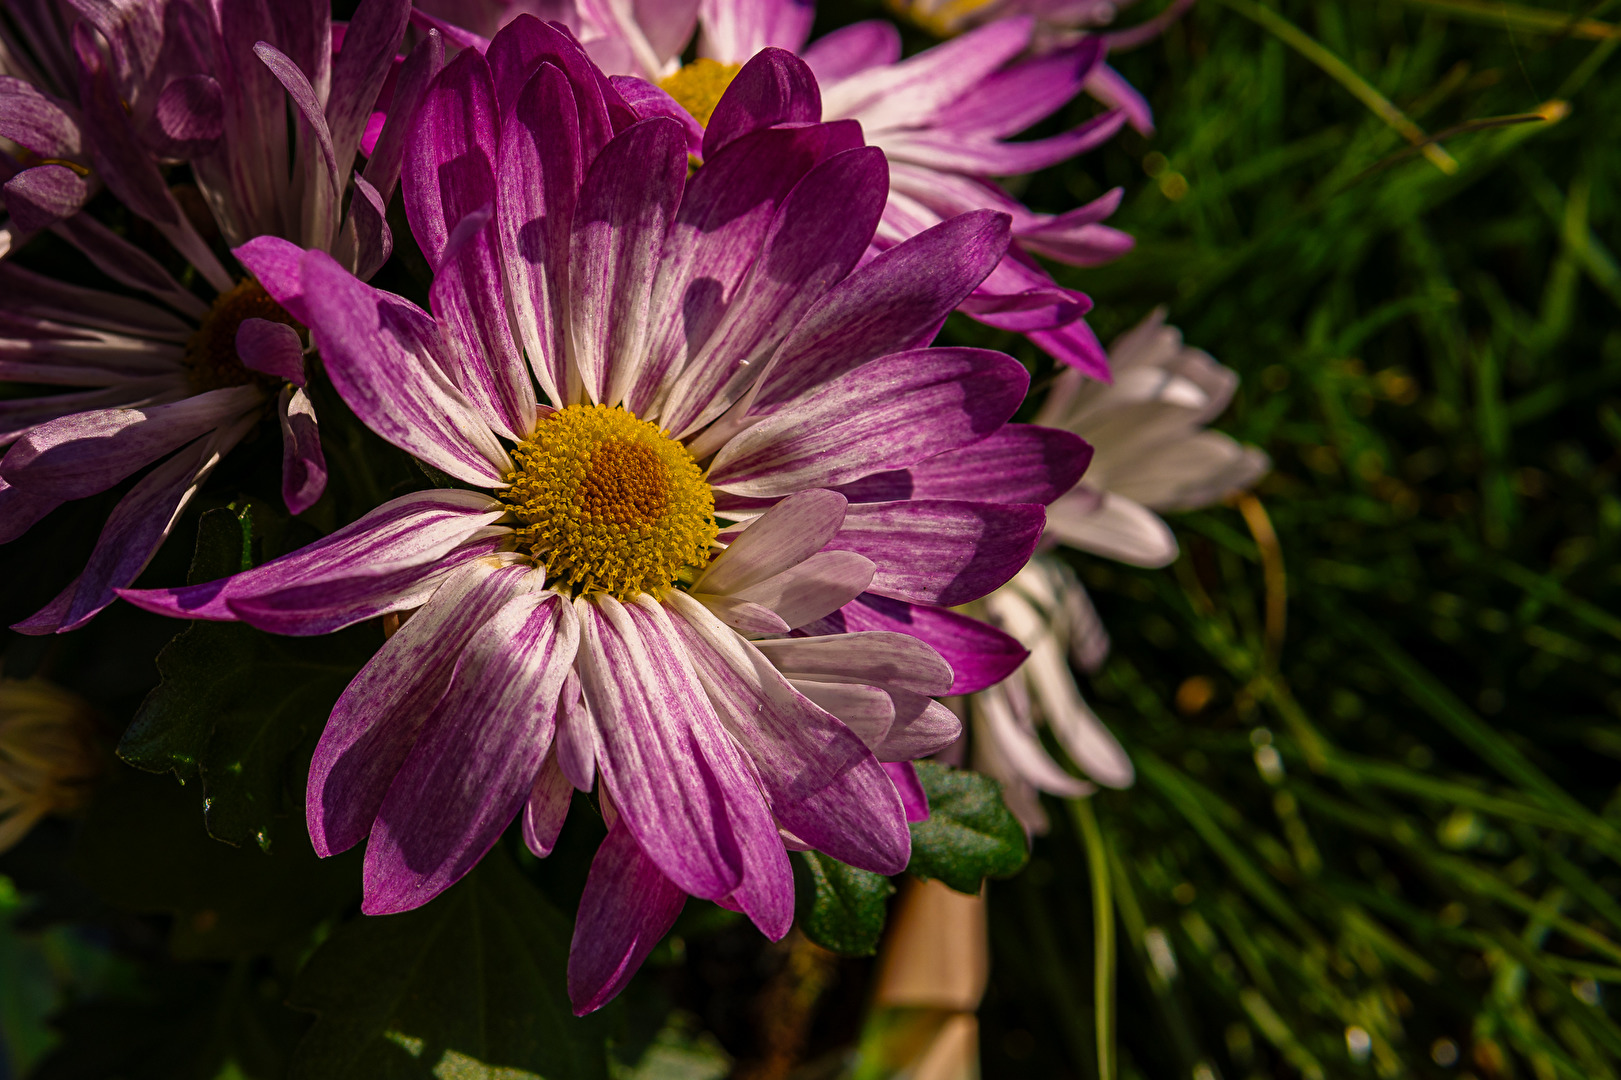 Gartenpflanzen und -blüten (allgemein)